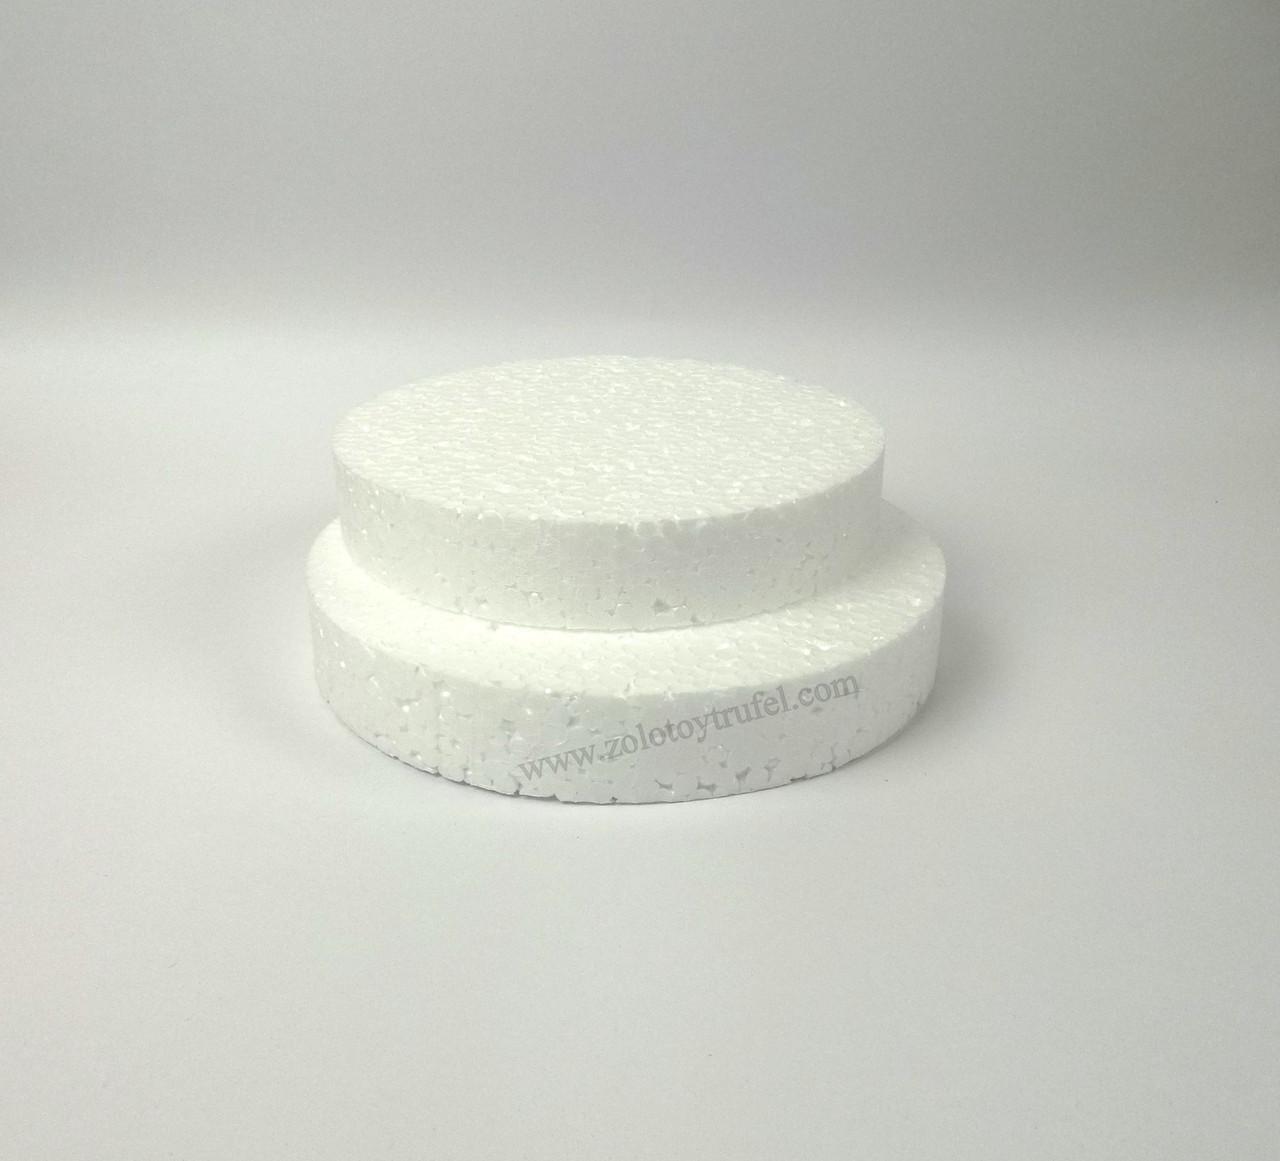 Прослойка пенопластовая для торта d 26 см h 3 см